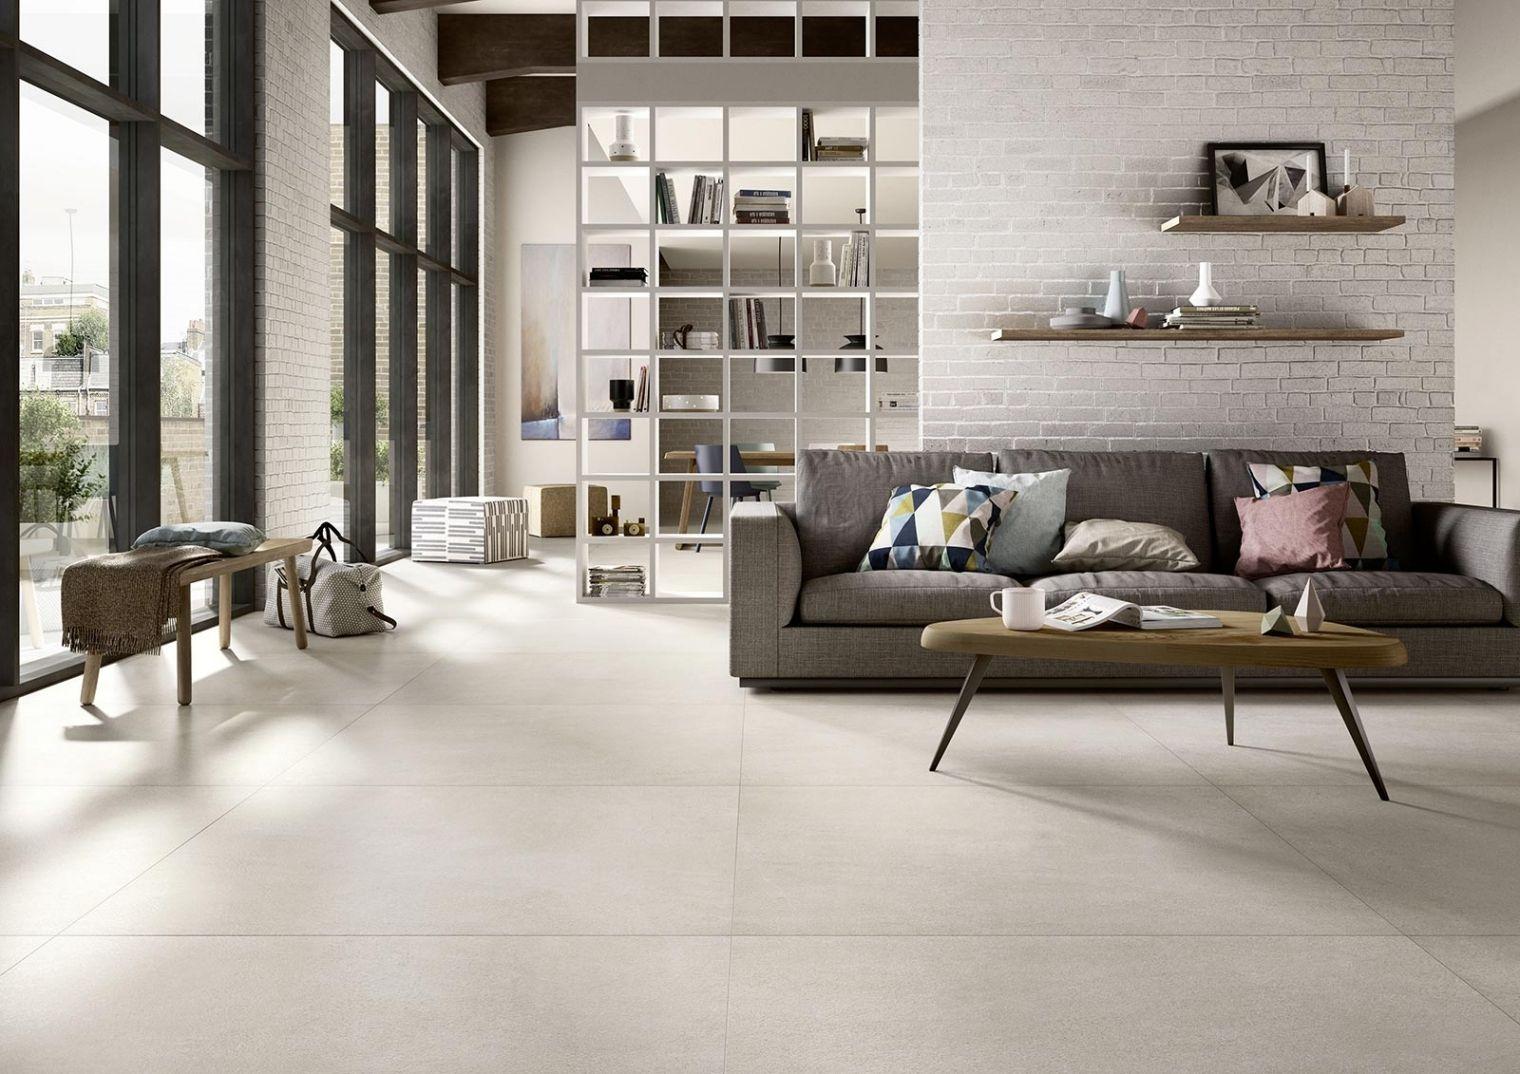 einzigartig wohnzimmer fliesen weiss wohnzimmer deko pinterest. Black Bedroom Furniture Sets. Home Design Ideas